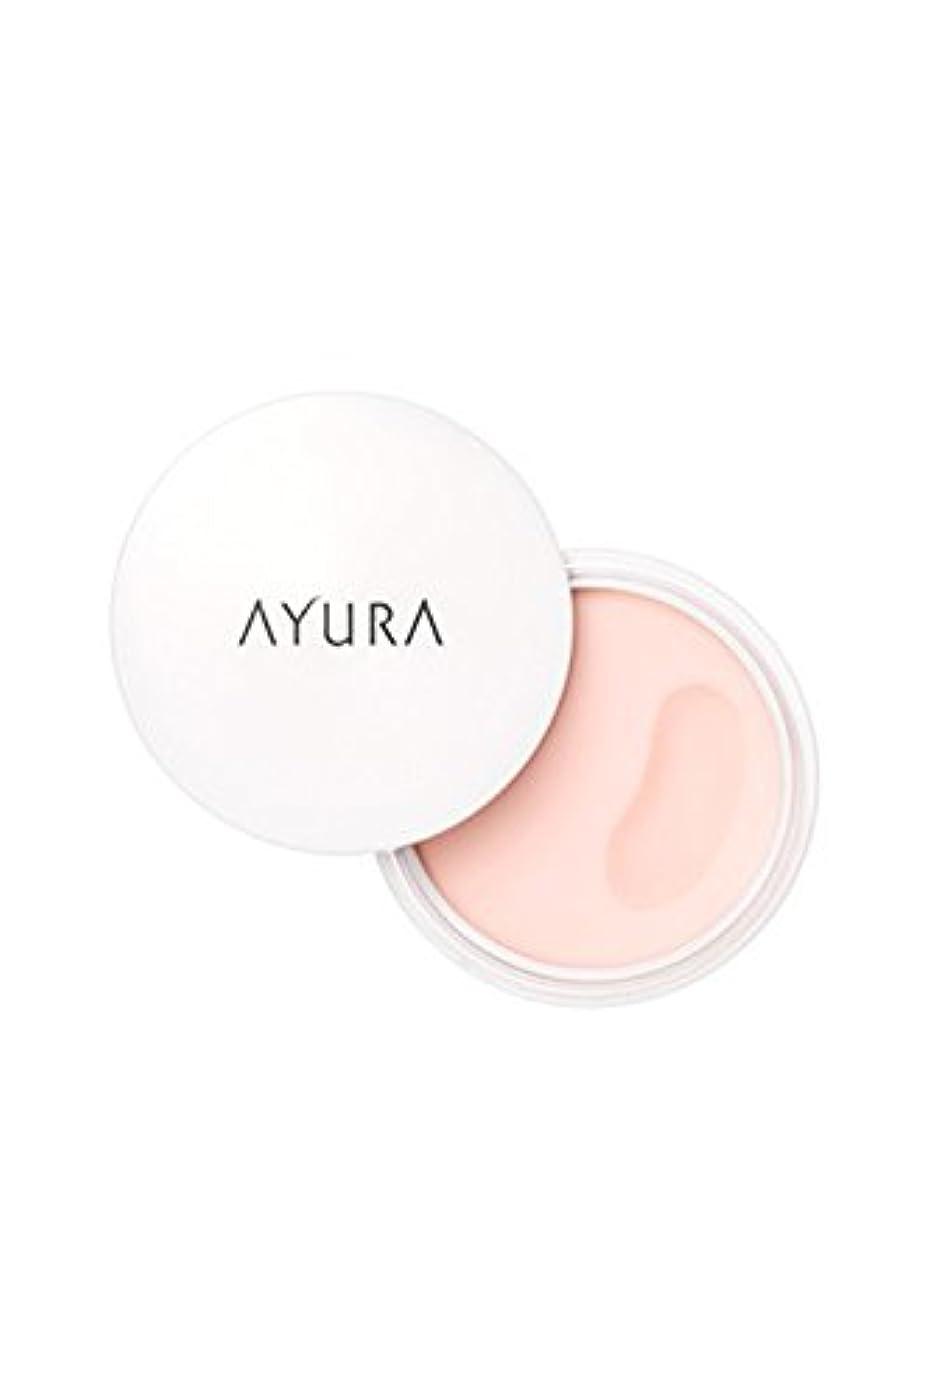 バー溢れんばかりの誠実さアユーラ (AYURA) オイルシャットデイセラム < 朝用練り美容液 > 10g 毛穴 化粧くずれ対策練り美容液